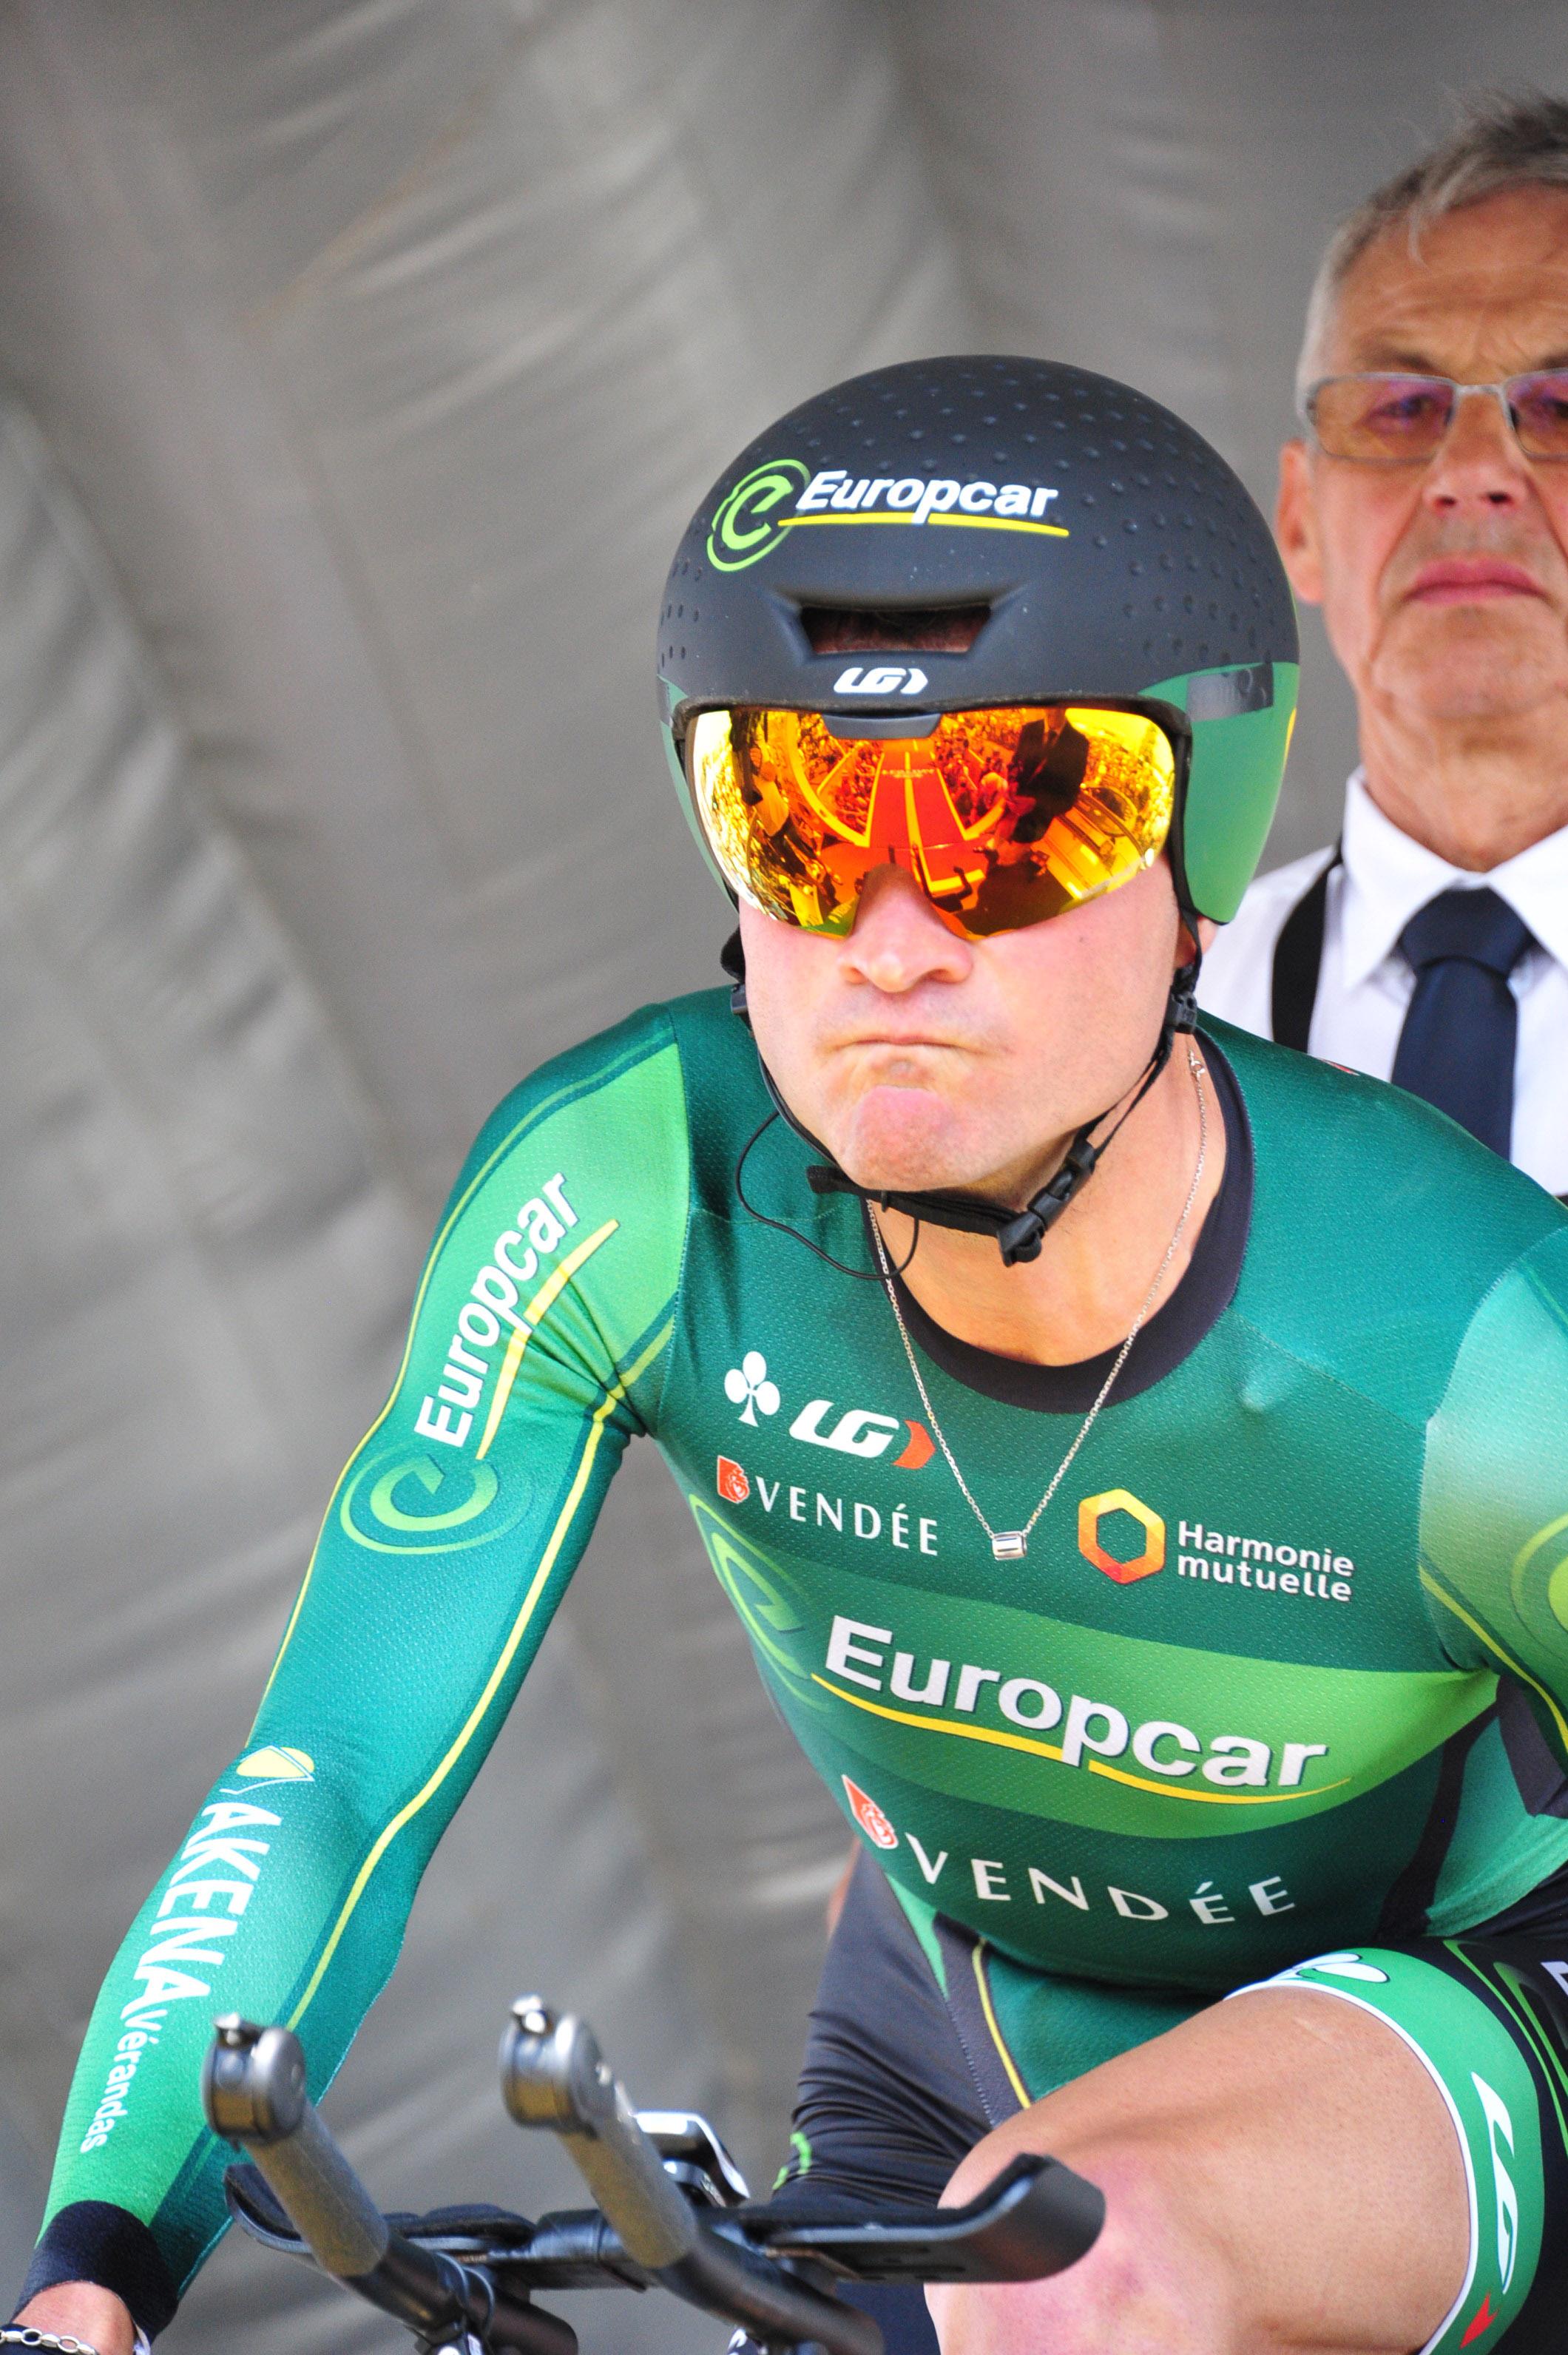 Thomas Voeckler - Europcar